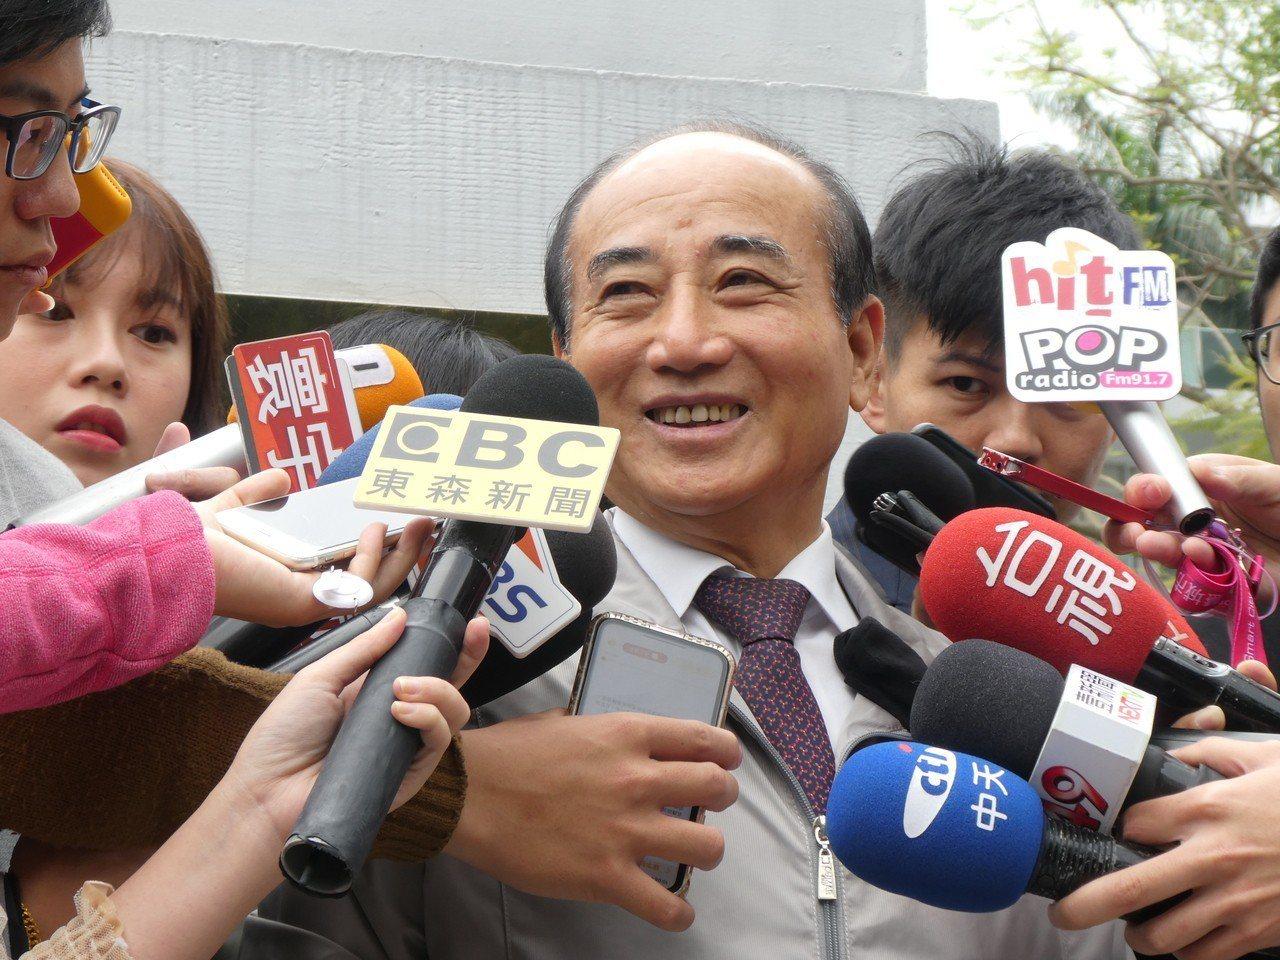 國民黨內「拱韓」聲浪高漲,王金平表示,他參選意願仍很堅定,有自信黨內總統初選一定...